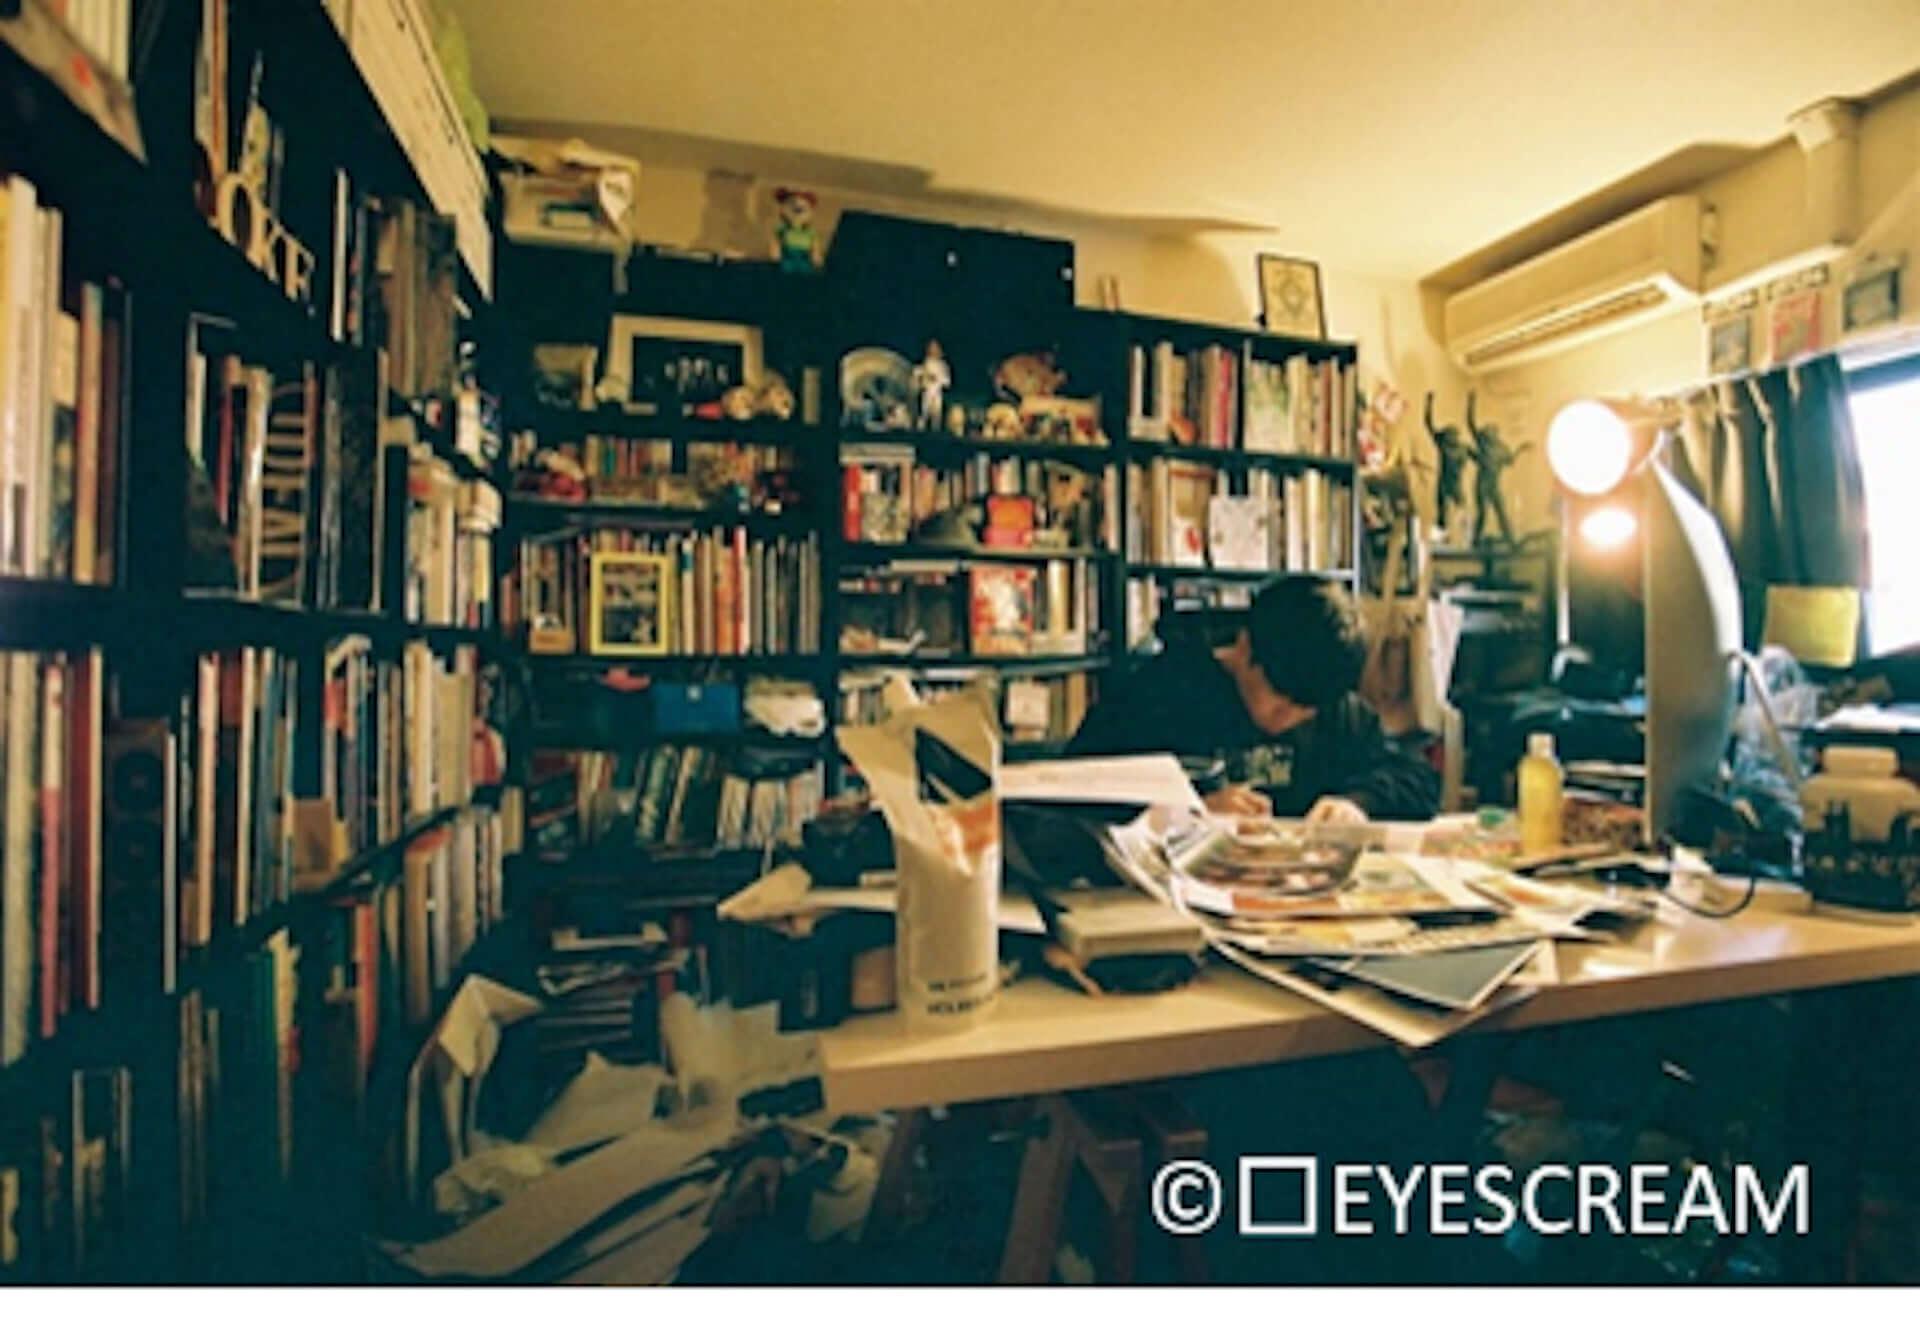 貝印と『EYESCREAM』によるオンラインイベントが公式Instagramで開催決定|河村康輔、あっこゴリラ、清水文太らが出演 artculture200611_eyescream_6-1920x1319